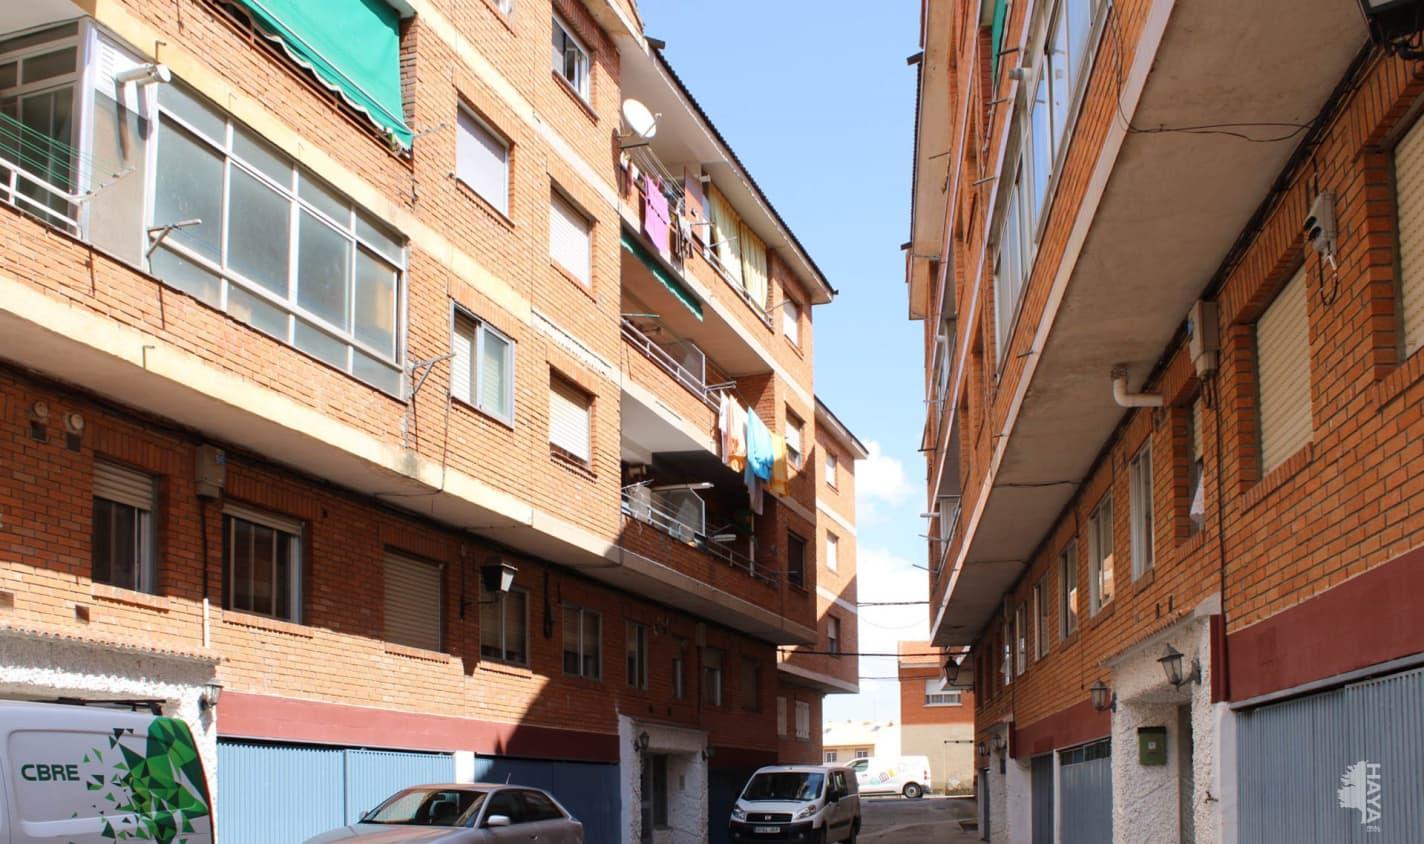 Piso en venta en El Tiemblo, El Tiemblo, Ávila, Calle Mesones, 51.800 €, 3 habitaciones, 1 baño, 95 m2